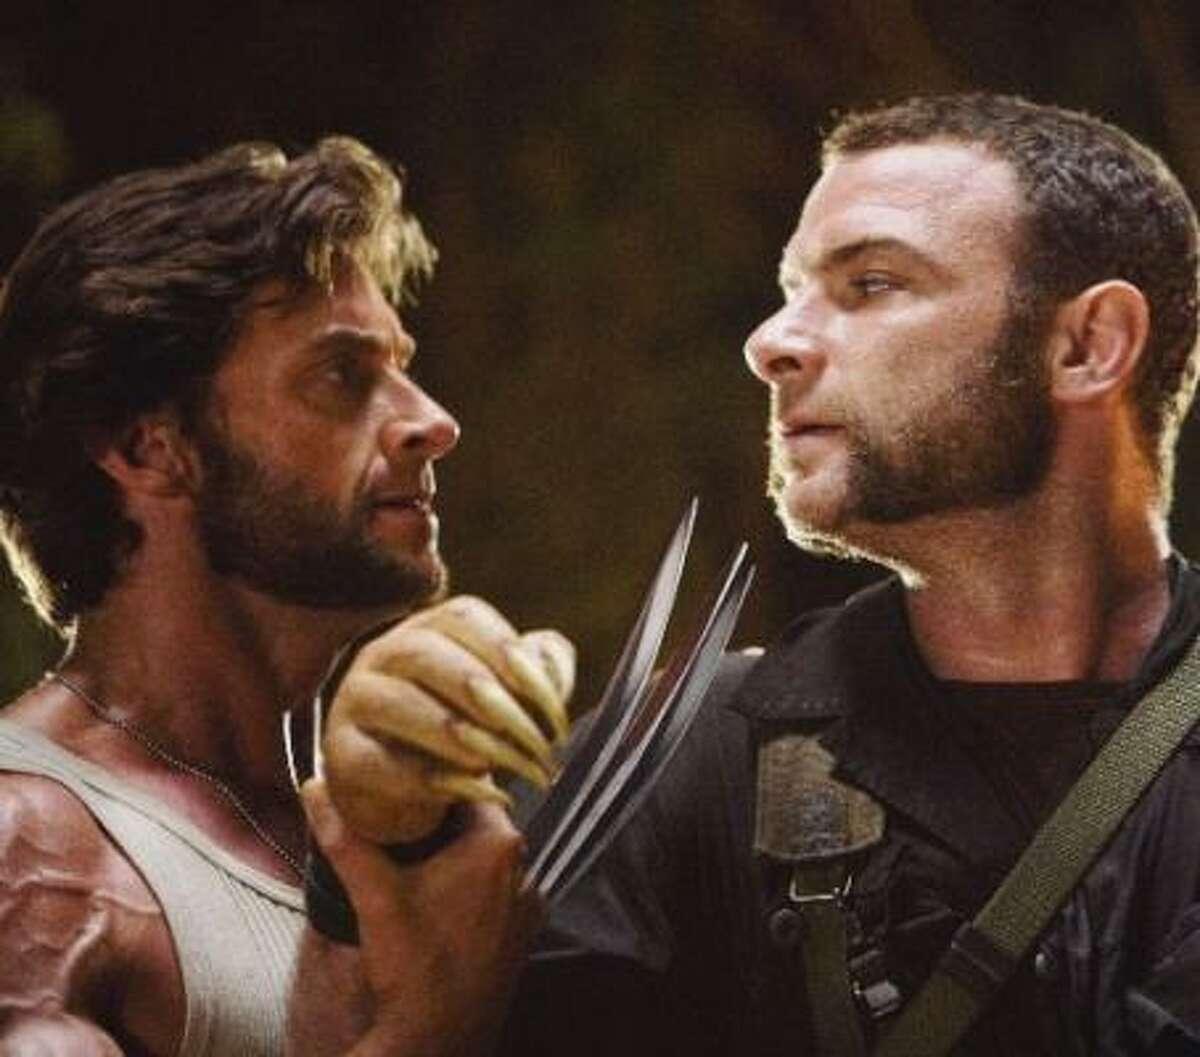 Wolverine (Jackman) and Sabertooth (Liev Schreiber) are all the rage in the X-Men Origins.